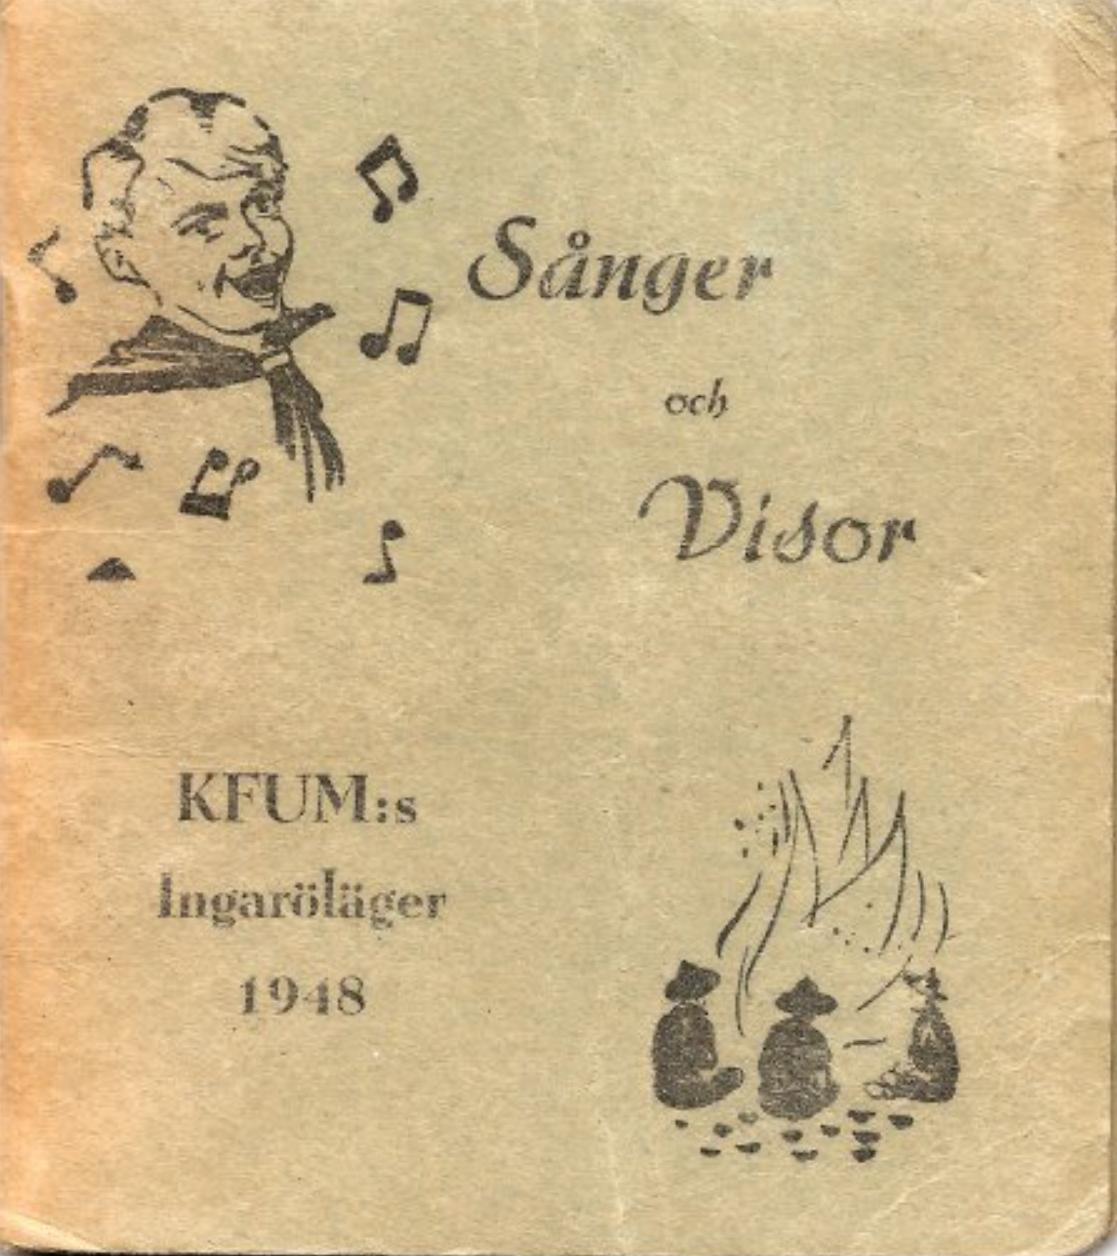 Sånger och Visor KFUMs Ingaröläger 1948